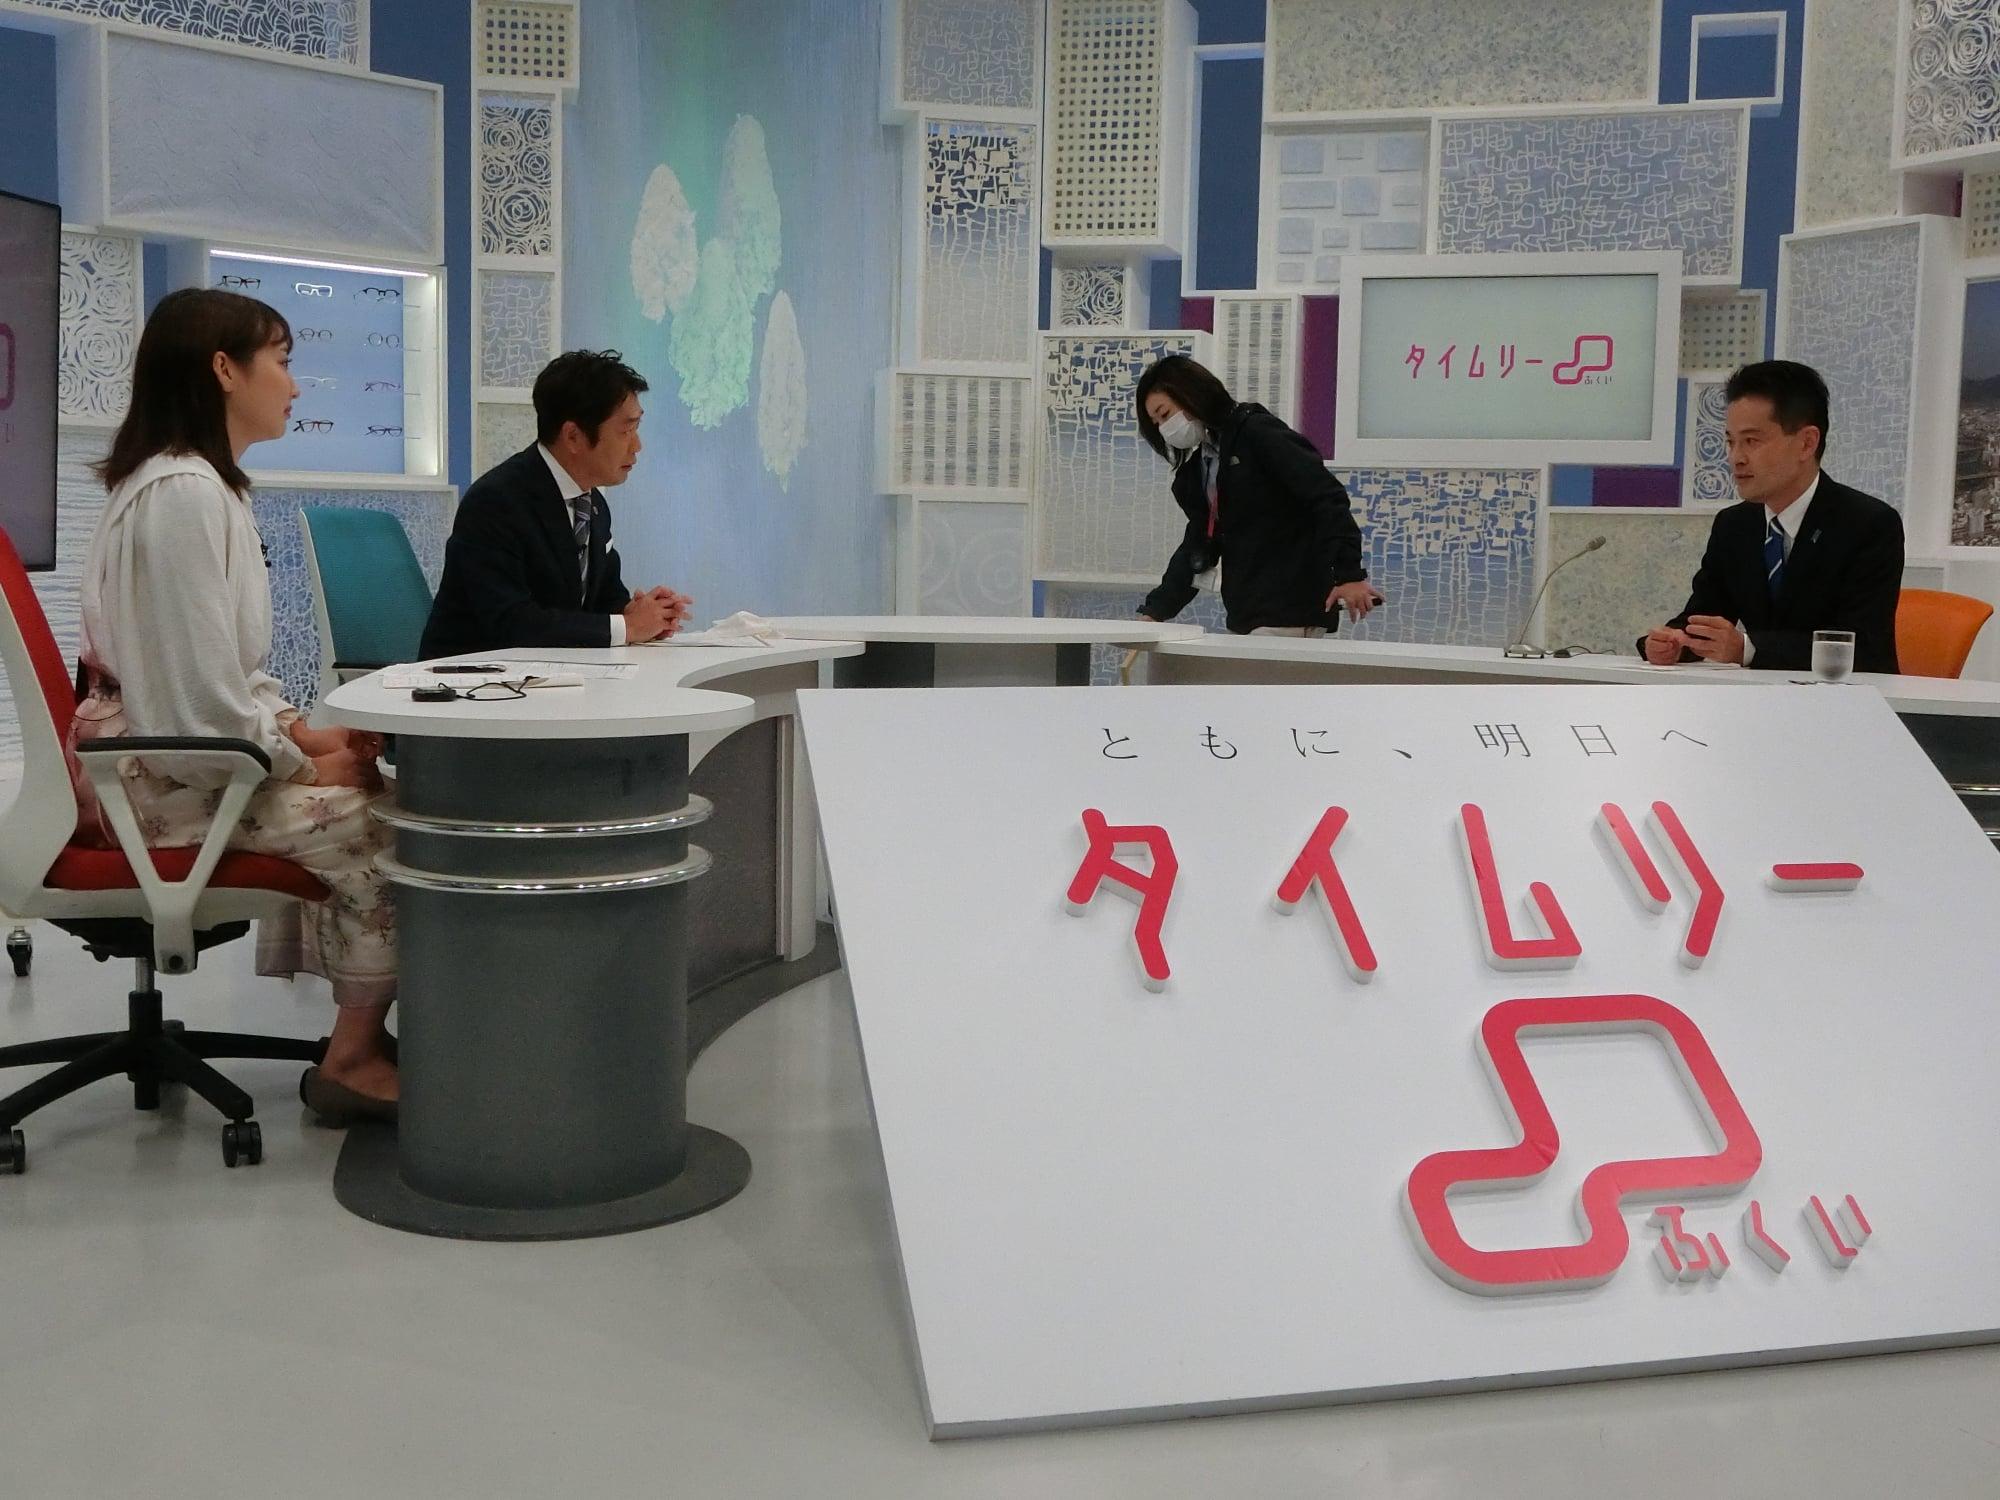 タイムリー福井生放送の後、政見放送の収録、鯖江市越前市を訪問。